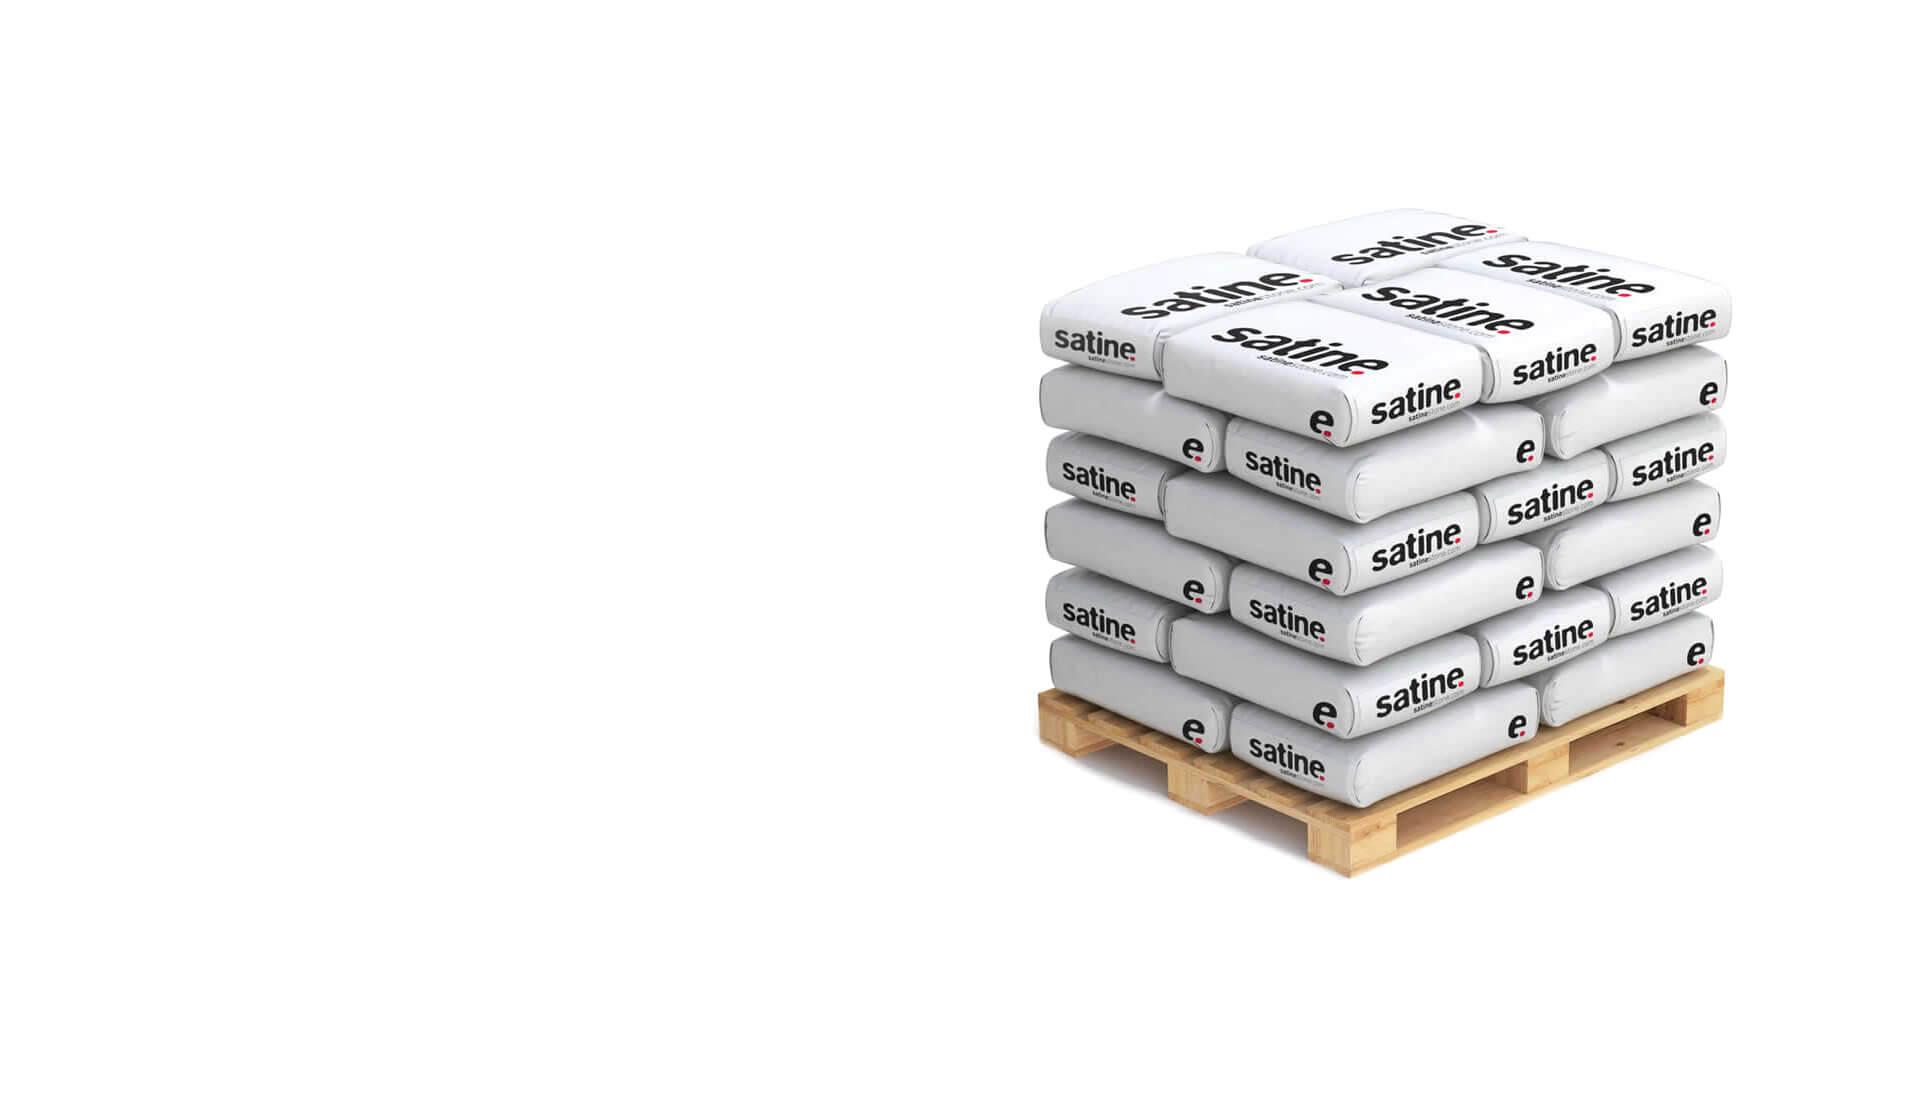 Satine Cement